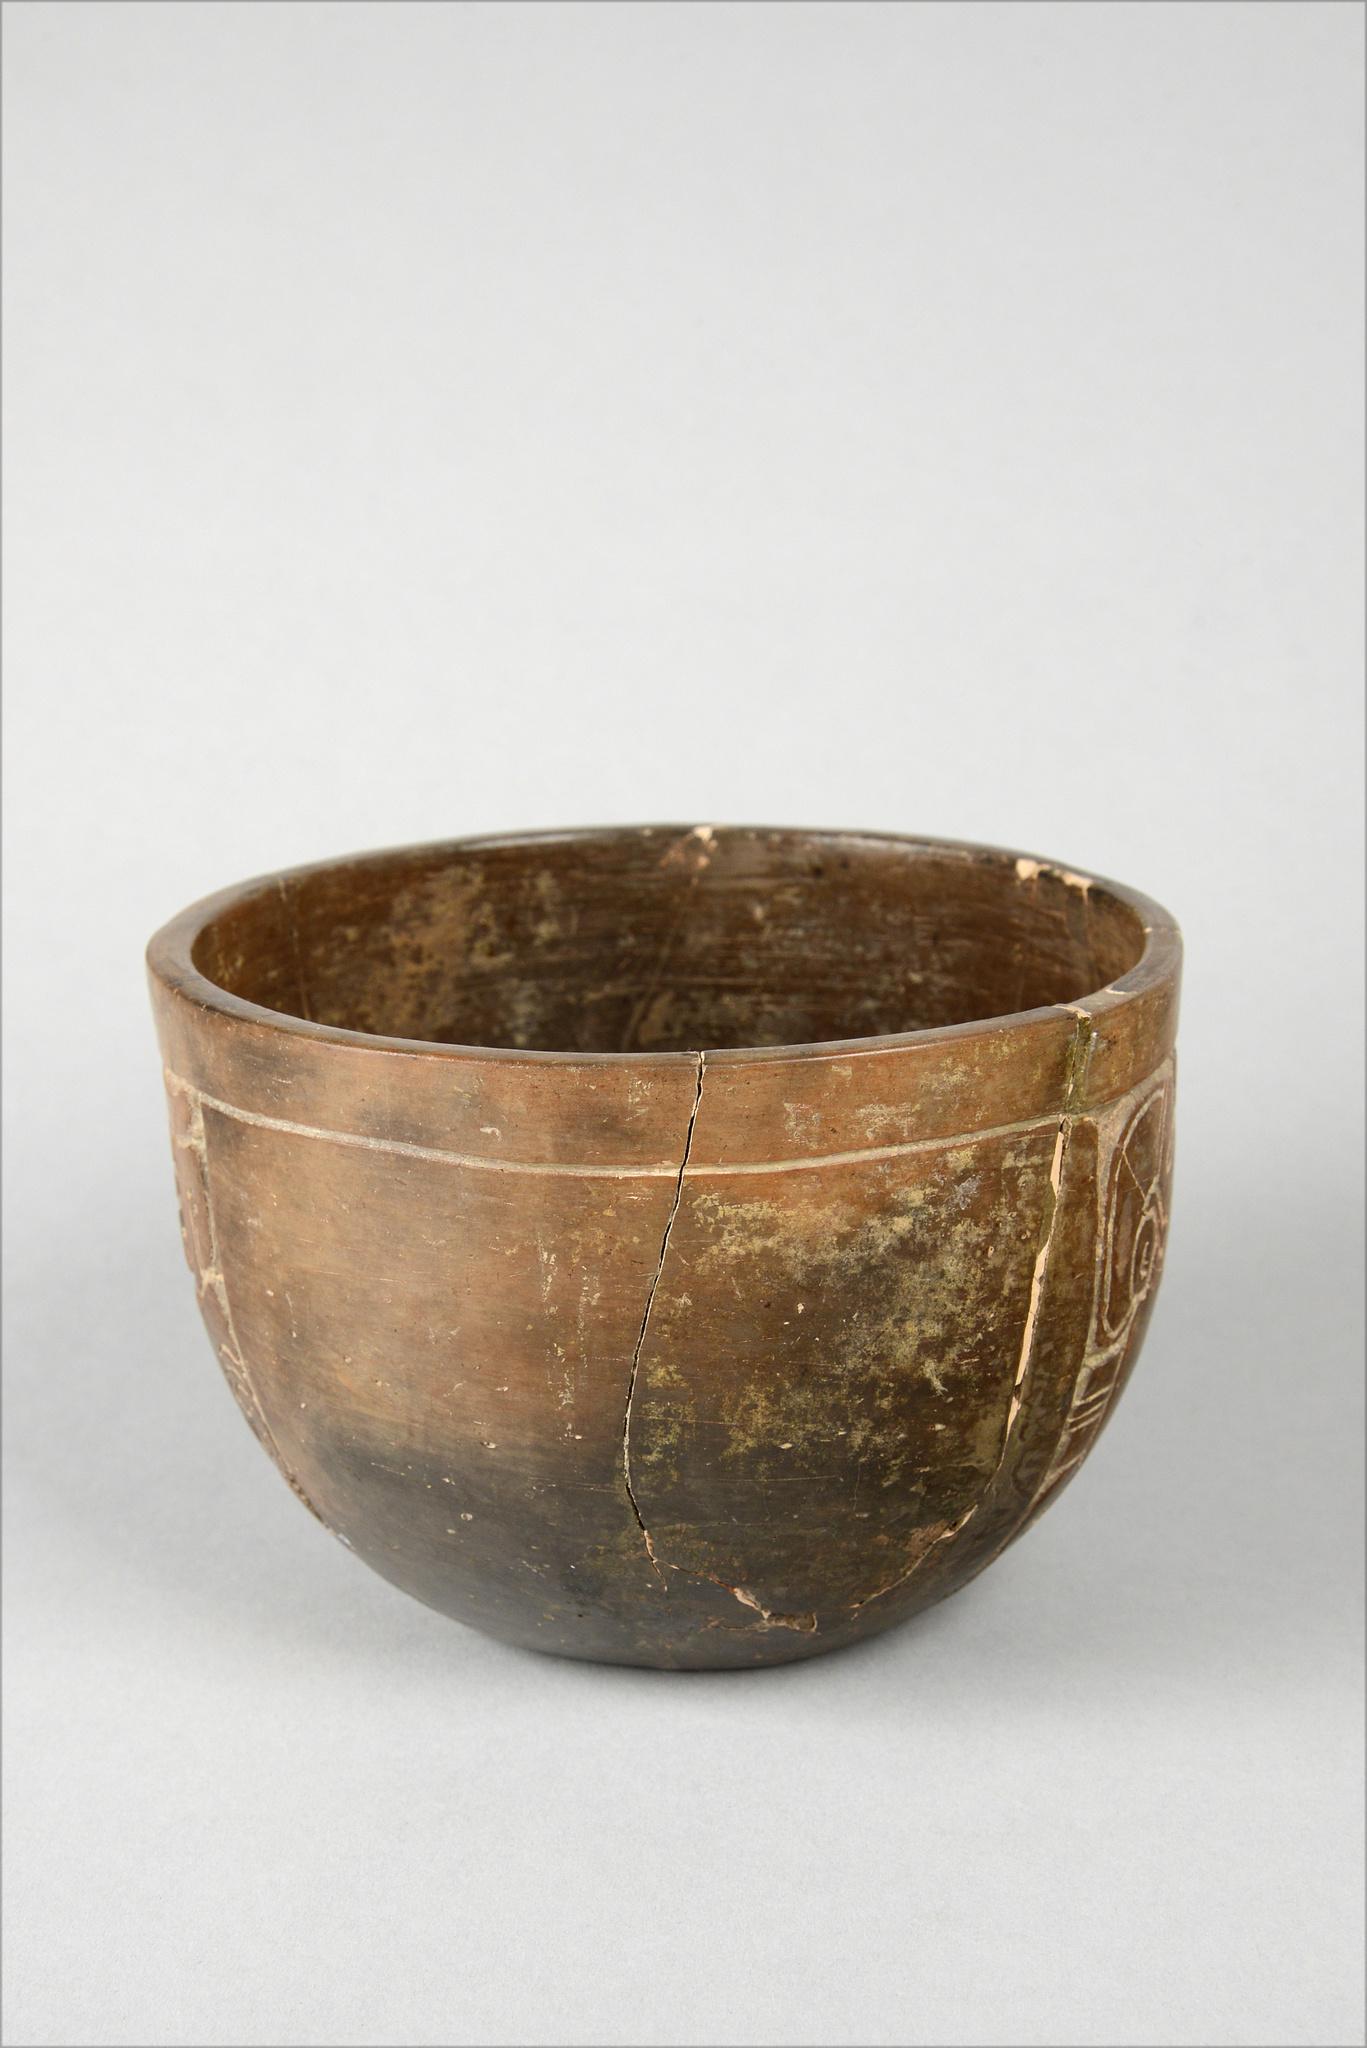 Late Classic Maya bowl